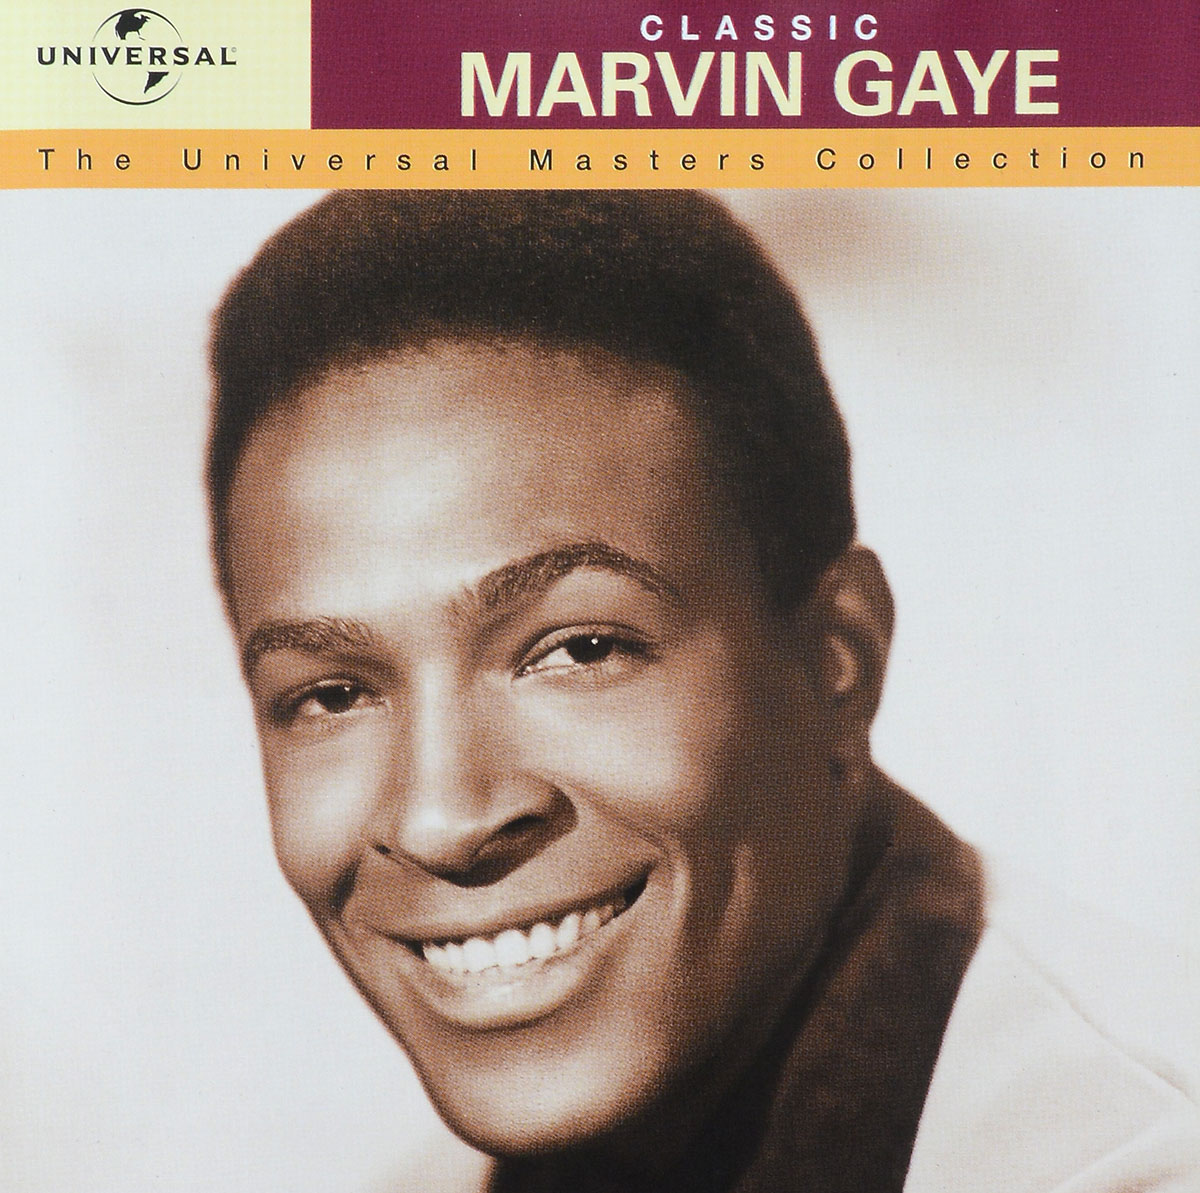 Марвин Гэй Marvin Gaye. Classic marvin gaye here my dear